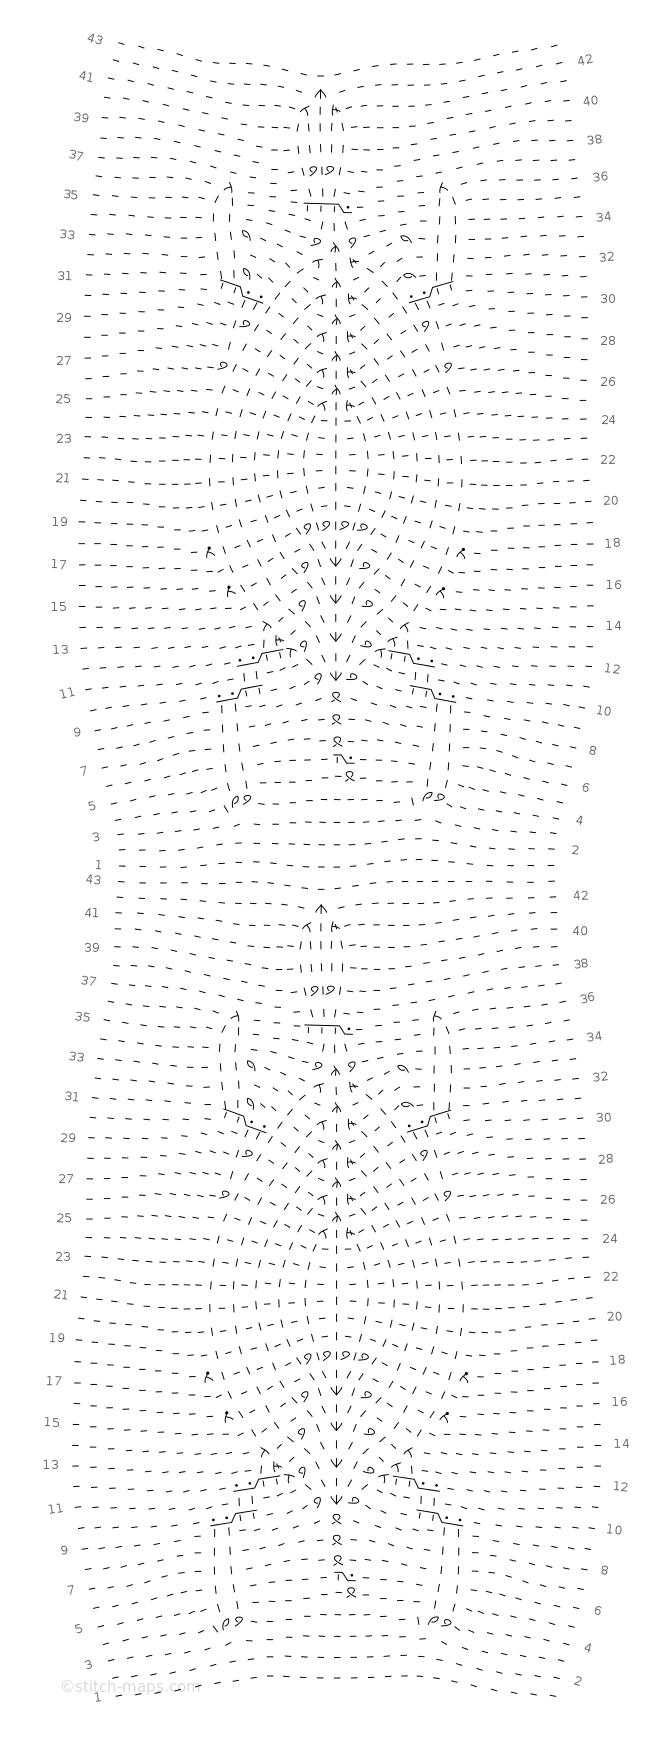 Turtle chart